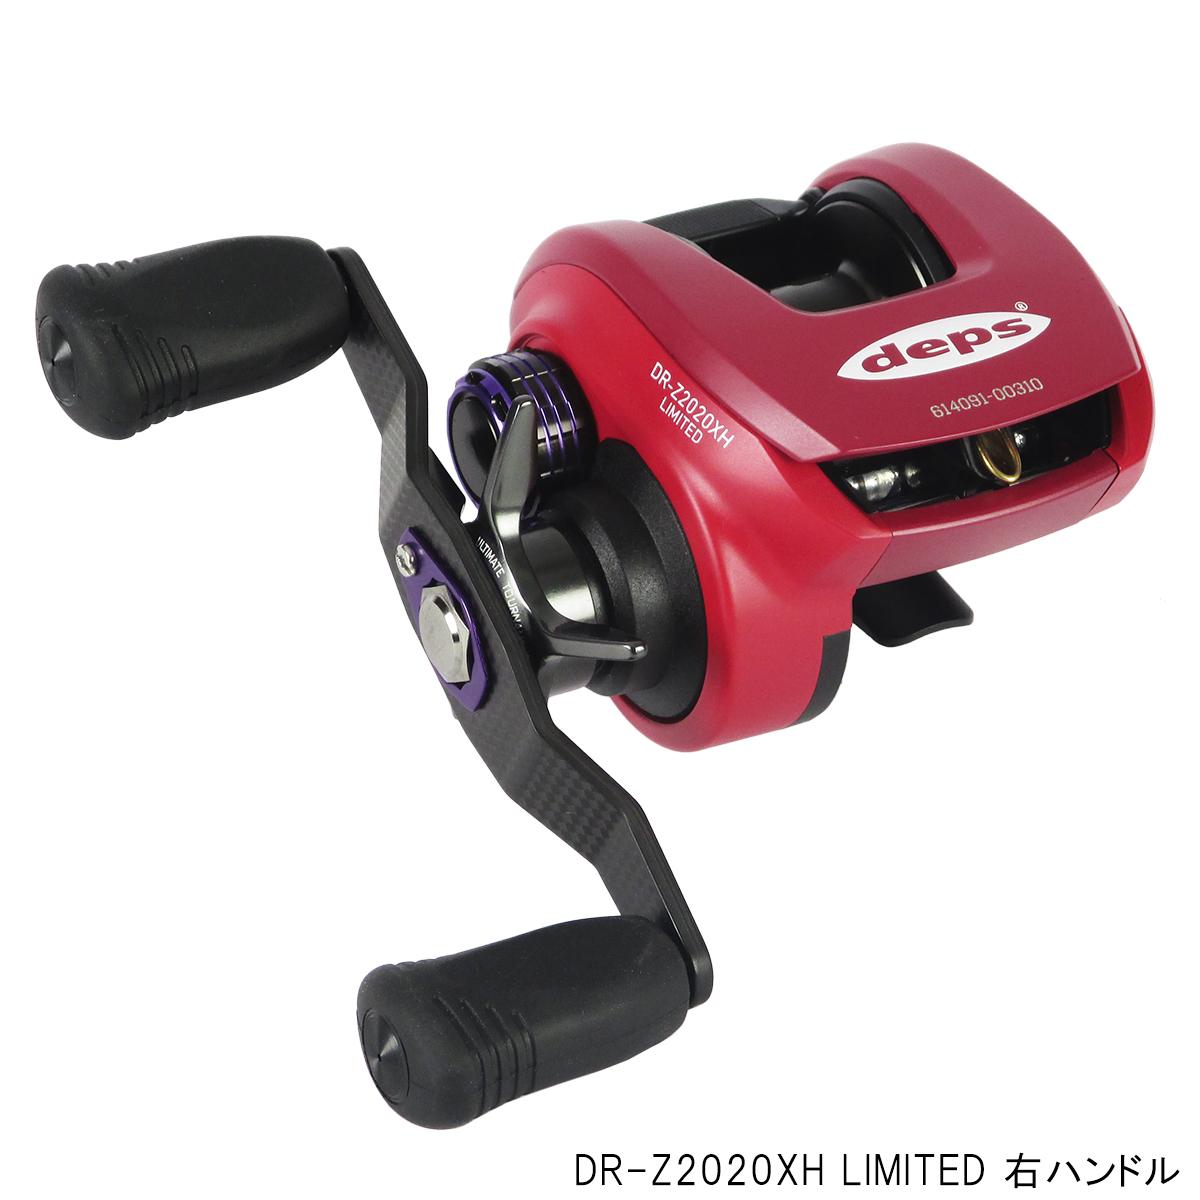 ダイワ DR-Z2020XH LIMITED 右ハンドル【送料無料】